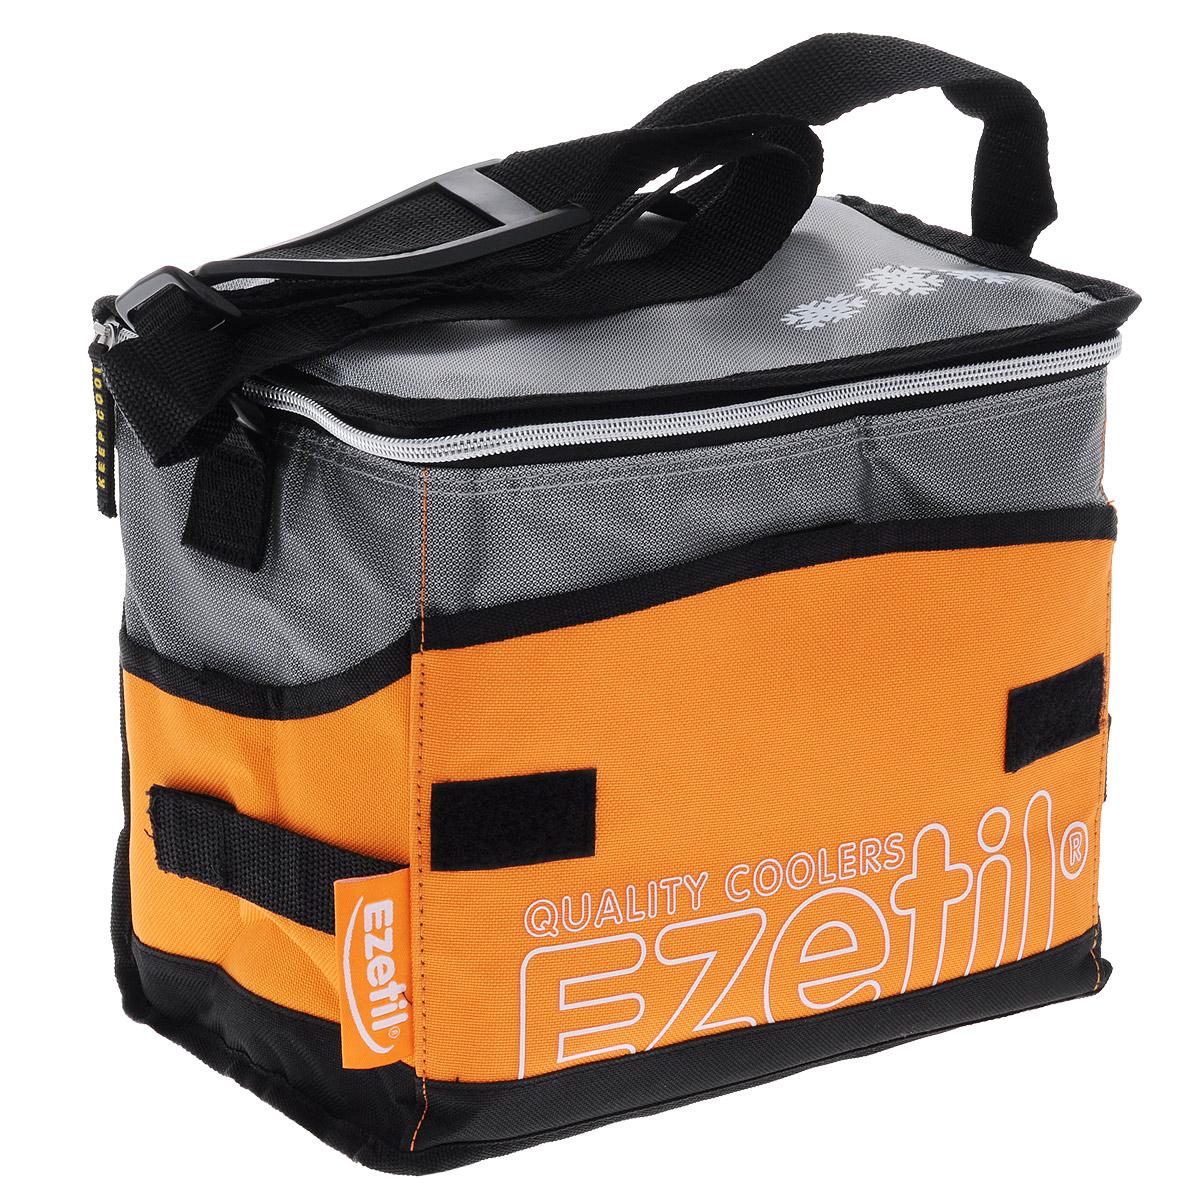 Сумка-холодильник Ezetil KC Extreme, цвет: оранжевый, 16 л726483Сумка-холодильник Ezetil KC Extreme предназначена для транспортировки и хранения продуктов и напитков. Сумка изготовлена из высококачественного полиэстера, внутренняя поверхность отделана специальным термоизоляционным материалом толщиной 8 мм. Внешняя светоотражающая ткань является дополнительным барьером, обеспечивающим надежное удержание холода внутри. Изделие произведено с использованием экологически безопасных и гигиеничных материалов, как внутри, так и снаружи, не содержащих в себе поливинилхлорид. 100% герметичность изотермической сумки обеспечивается современной технологией горячей спайки внутренних швов. Многослойная изоляция обеспечивает надежное удержание температуры помещенных в сумку продуктов при ее максимальном заполнении в течение нескольких часов: от 8 часов без аккумуляторов холода и от 13 часов с комплектами аккумуляторов. Сумка фиксируется в сложенном состоянии, имеет съемное дно и практична в уходе. Застегивается на застежку-молнию, снаружи...